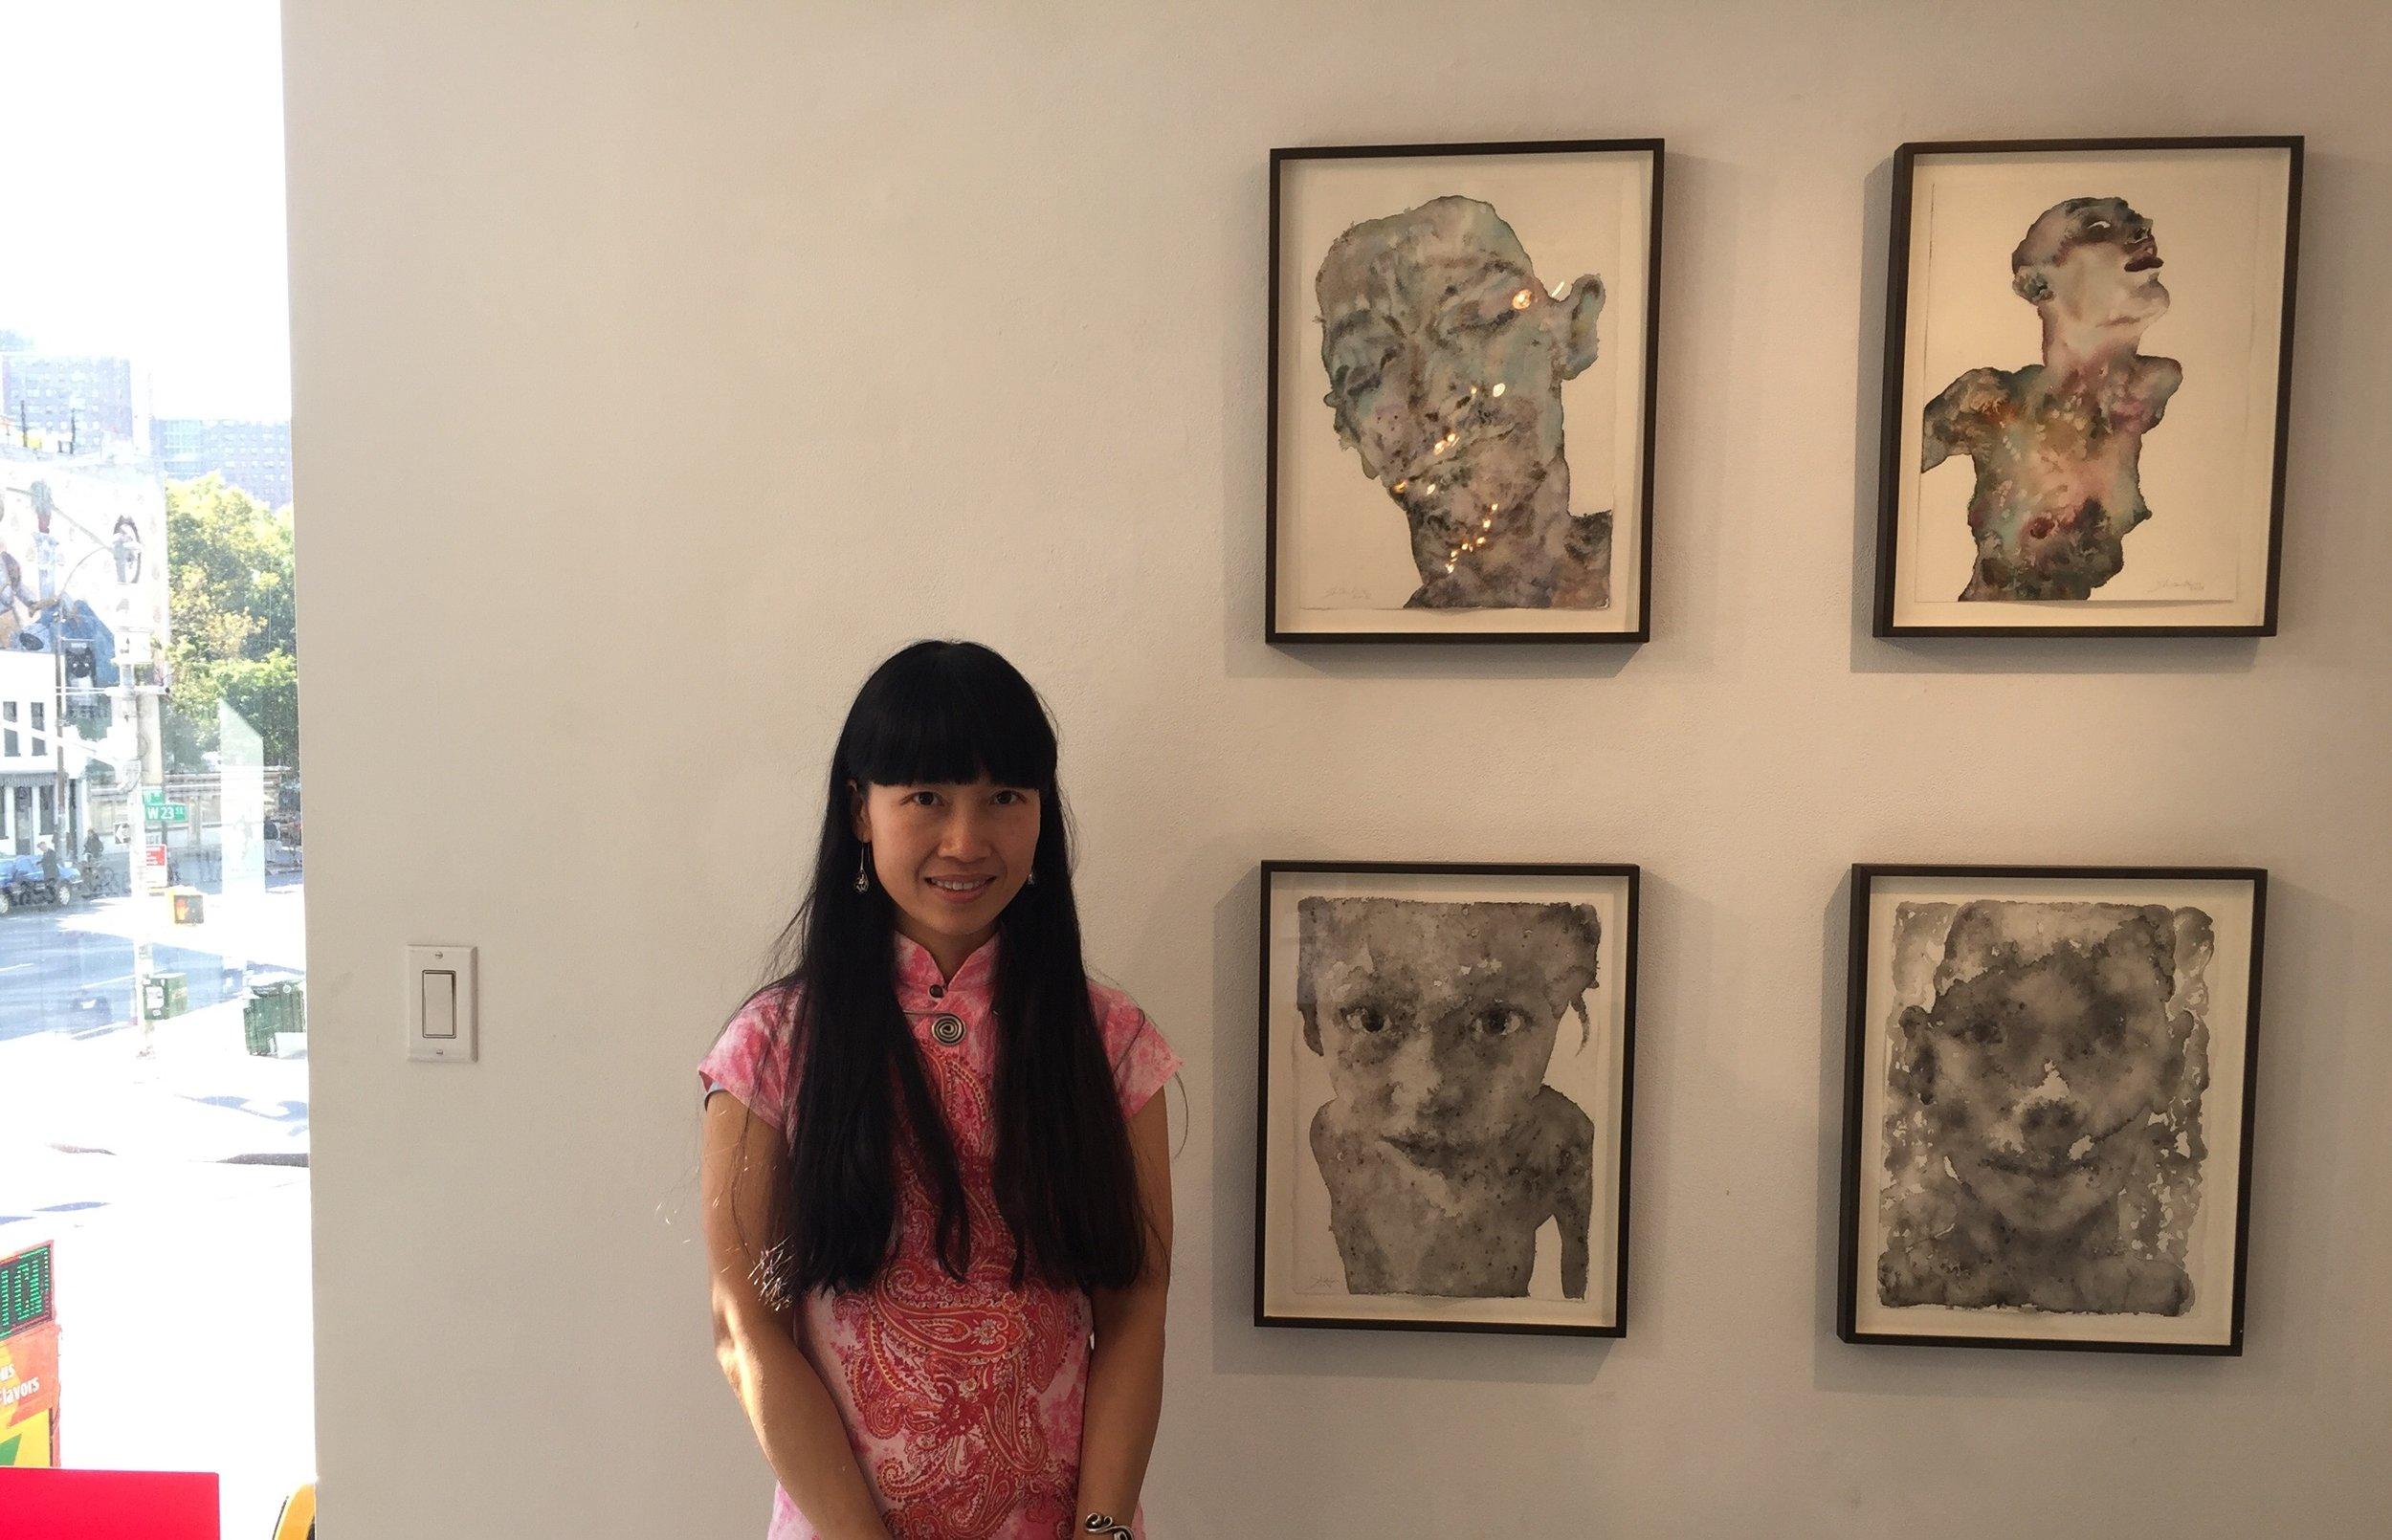 Shanlin Ye